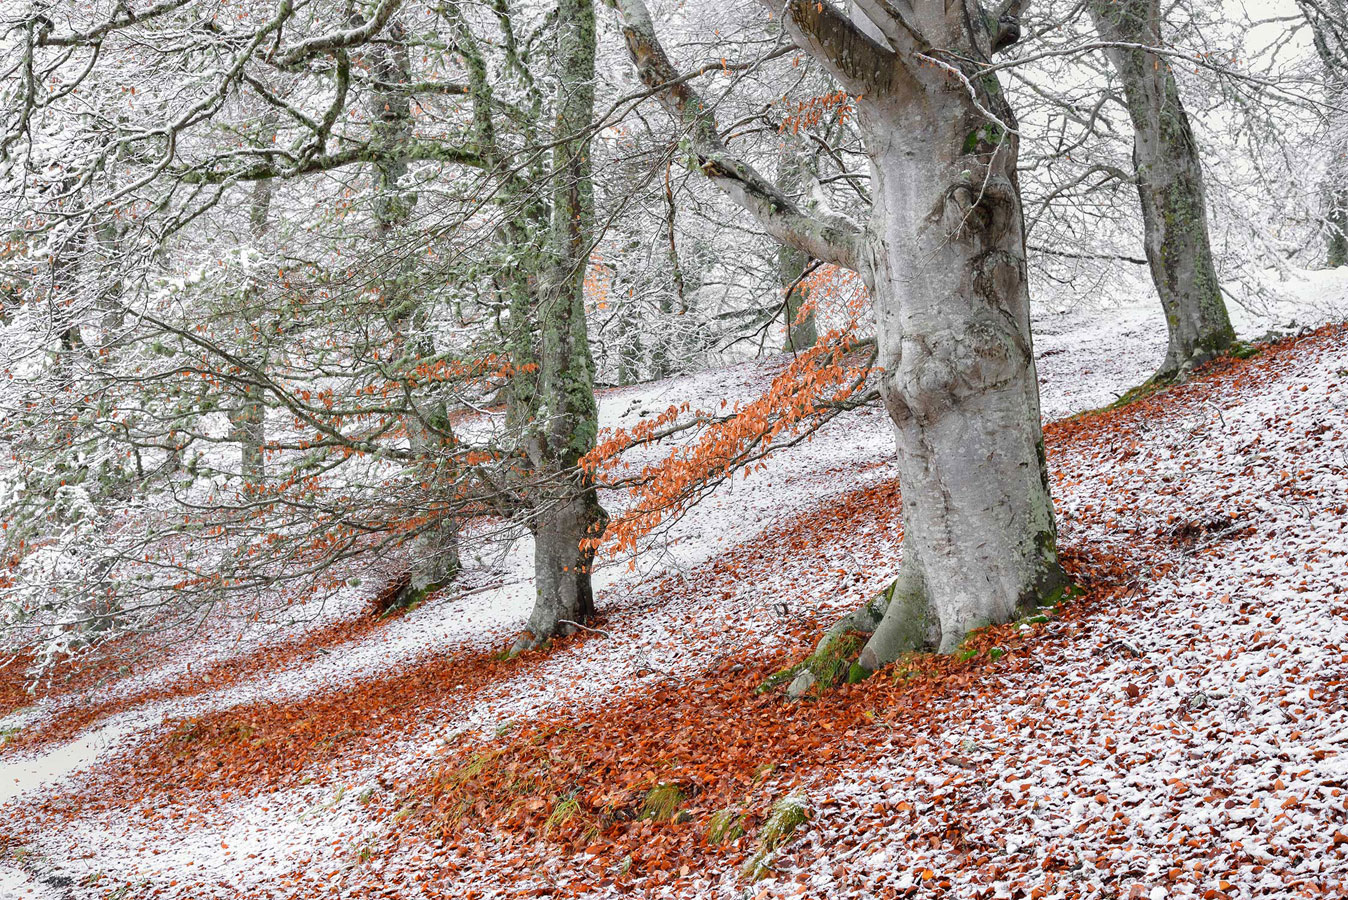 Перекрытие сезонов. Авимор, Хайленд, Шотландия, © Джеймс Родди, Конкурс фотографий дикой природы British Wildlife